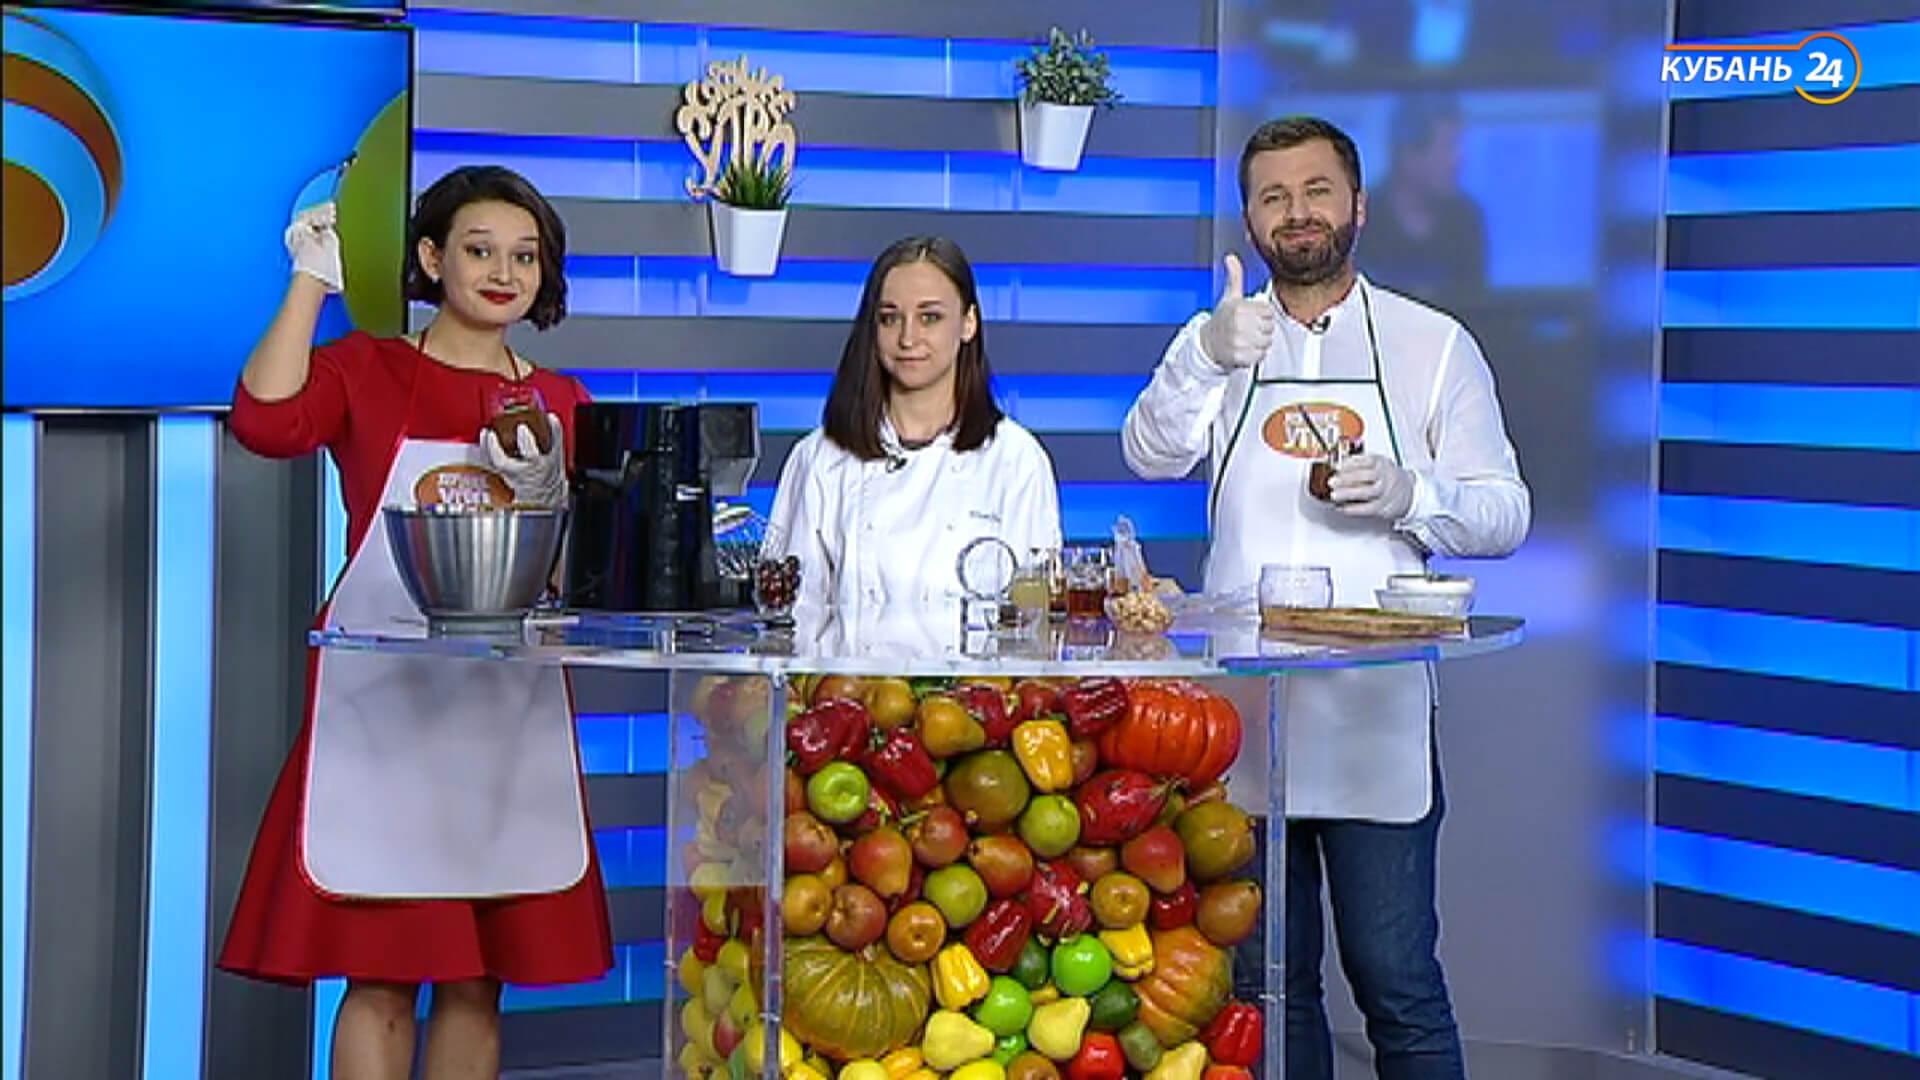 Кондитер Юлия Яровая: хороший шоколад должен блестеть, хрустеть и быть вкусным